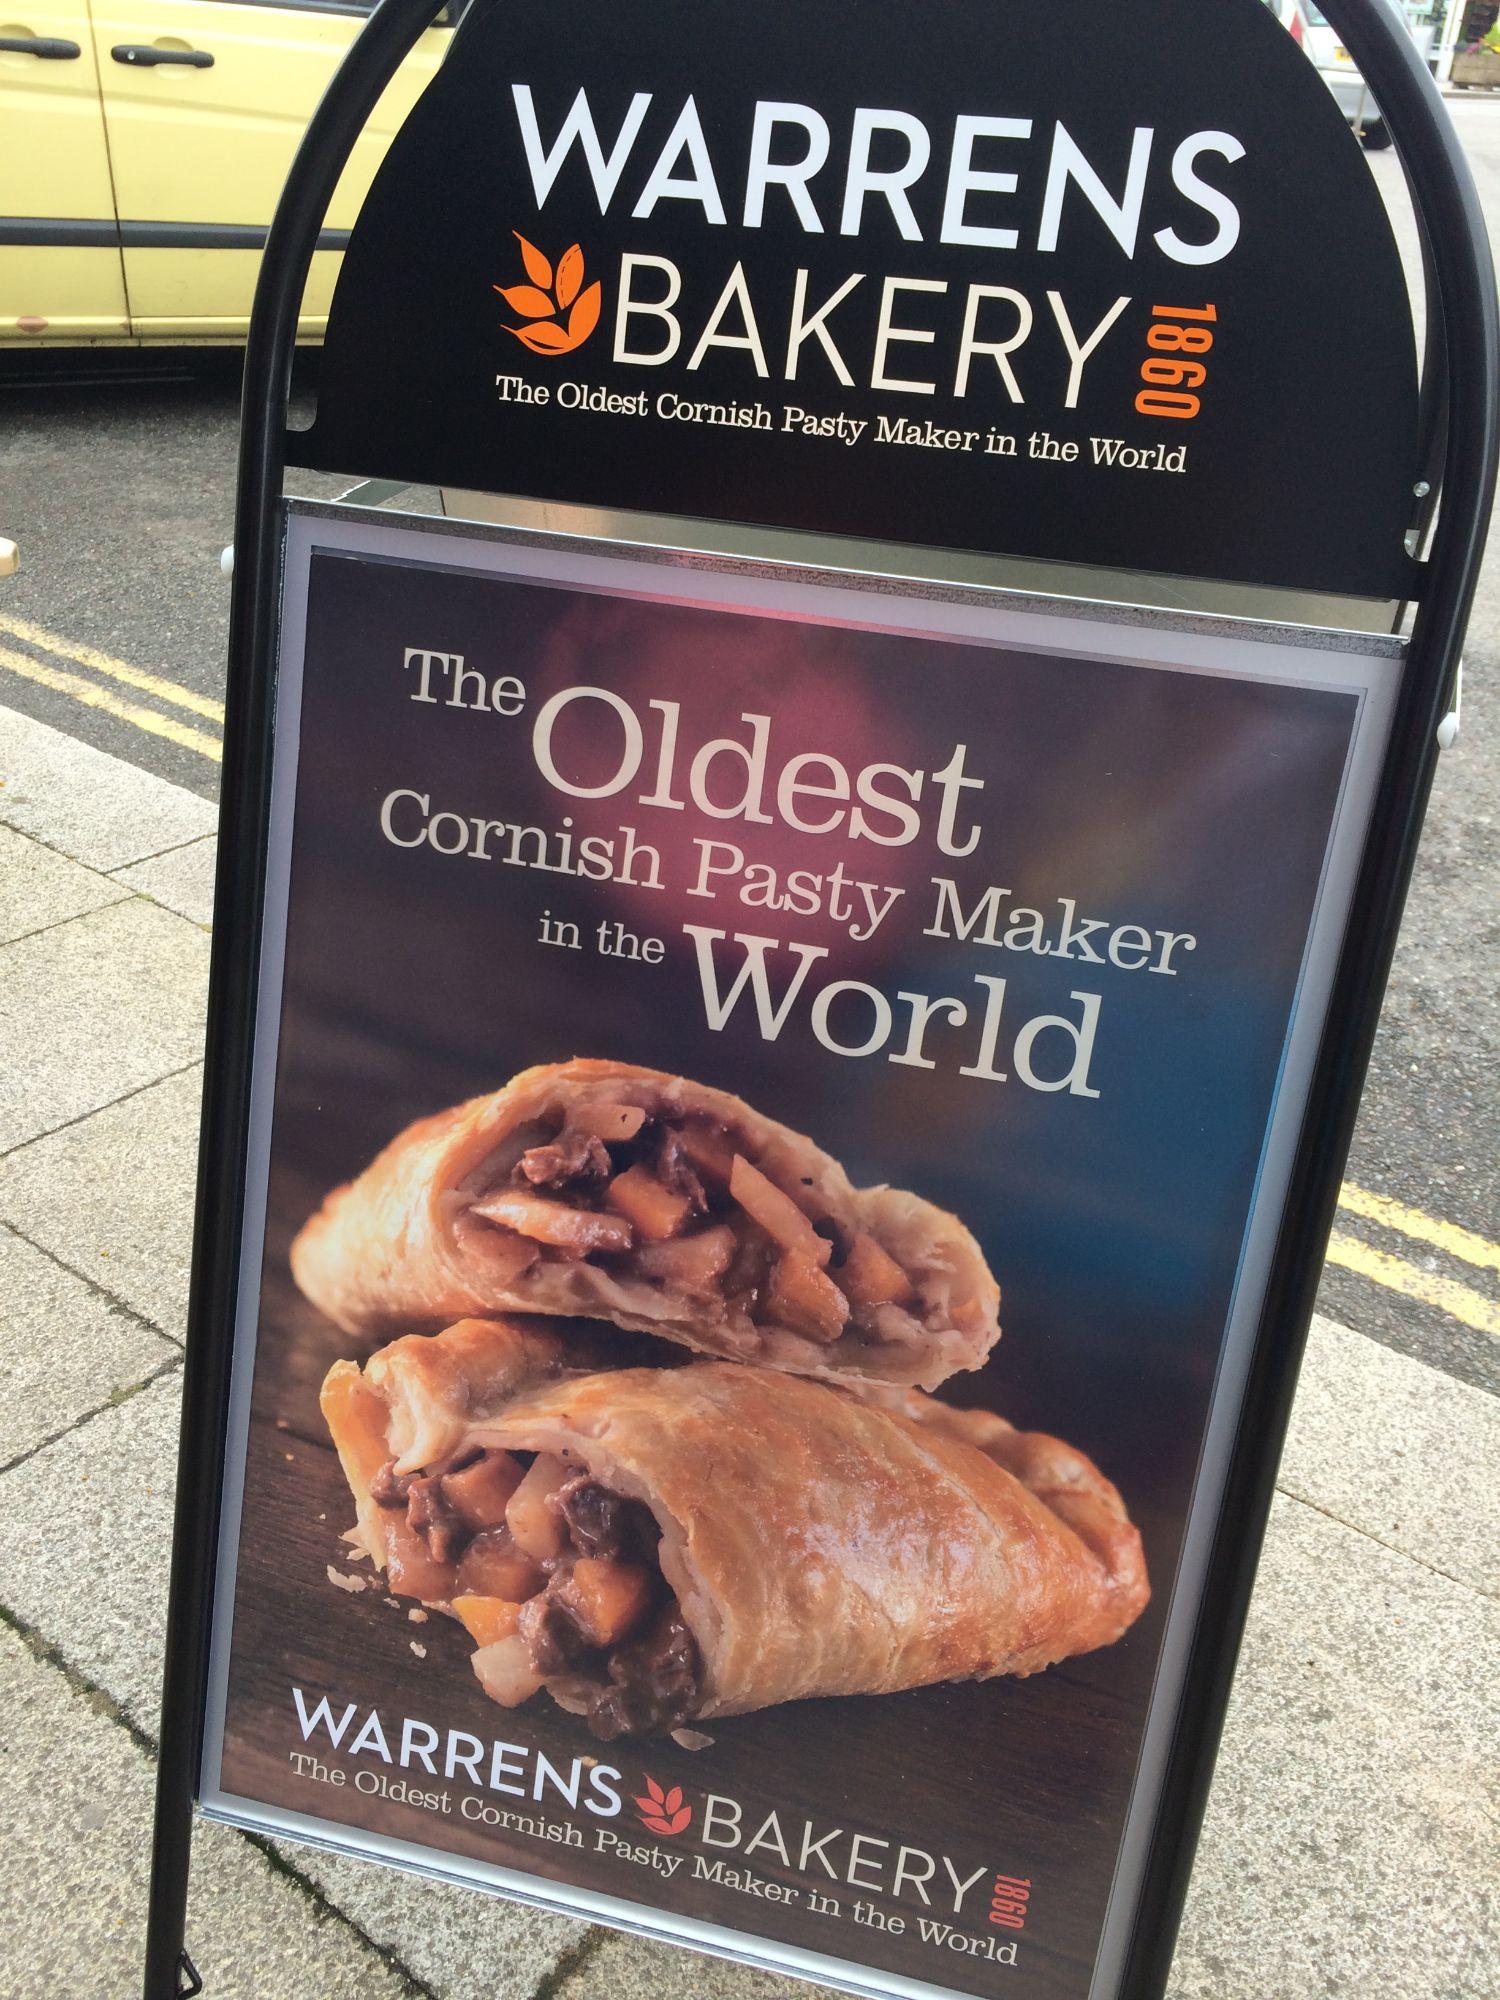 Warrens Cornish Pasty